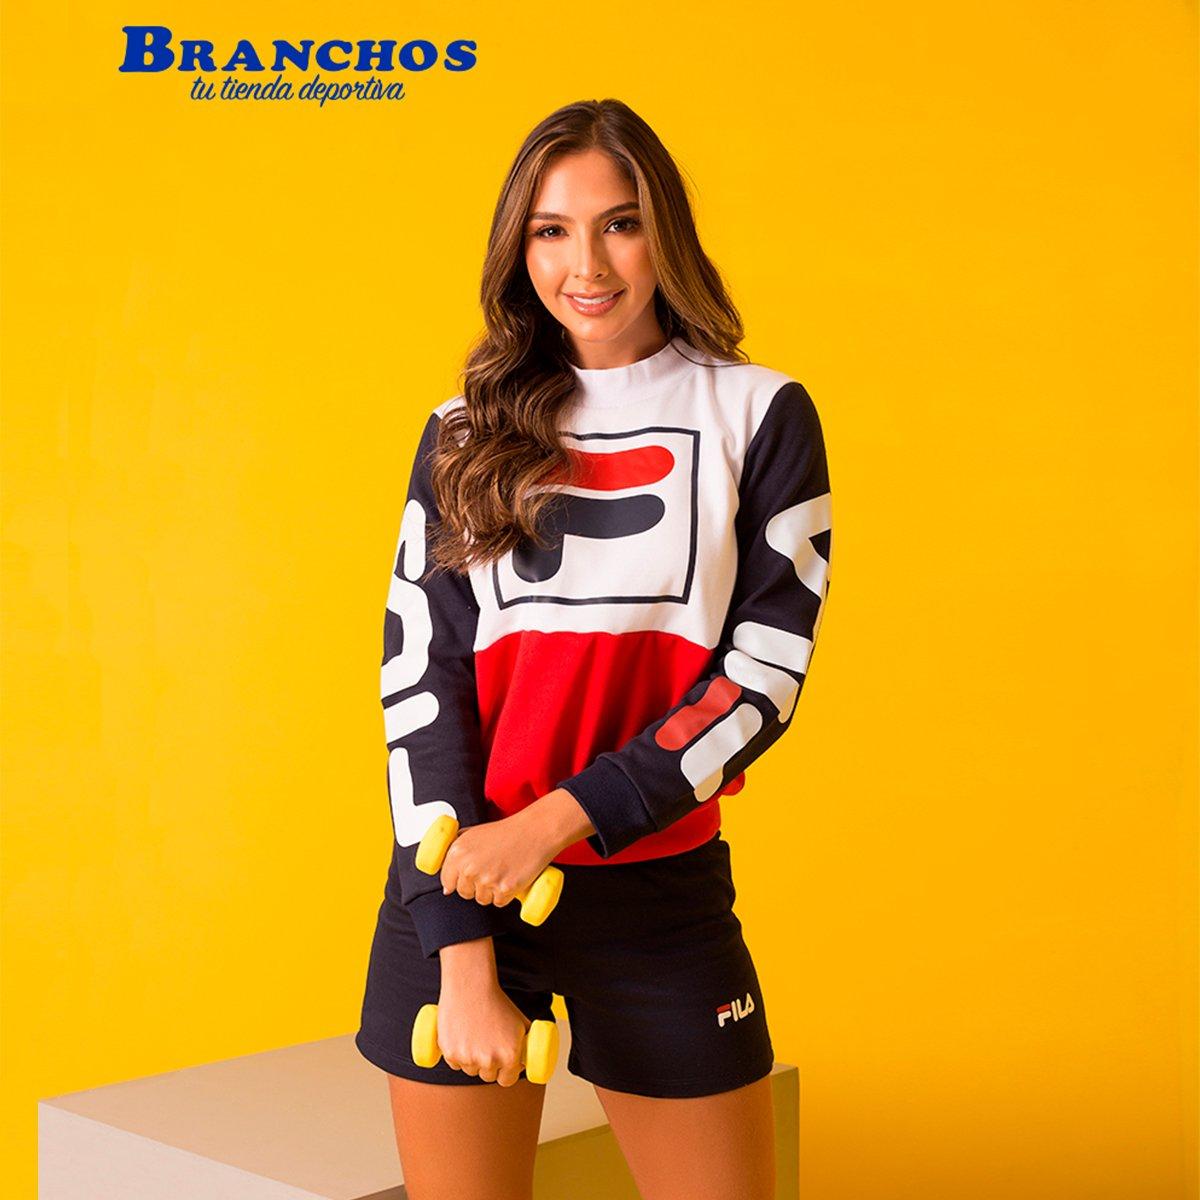 Branchos-Centro-Comercial-La-Central-mujer